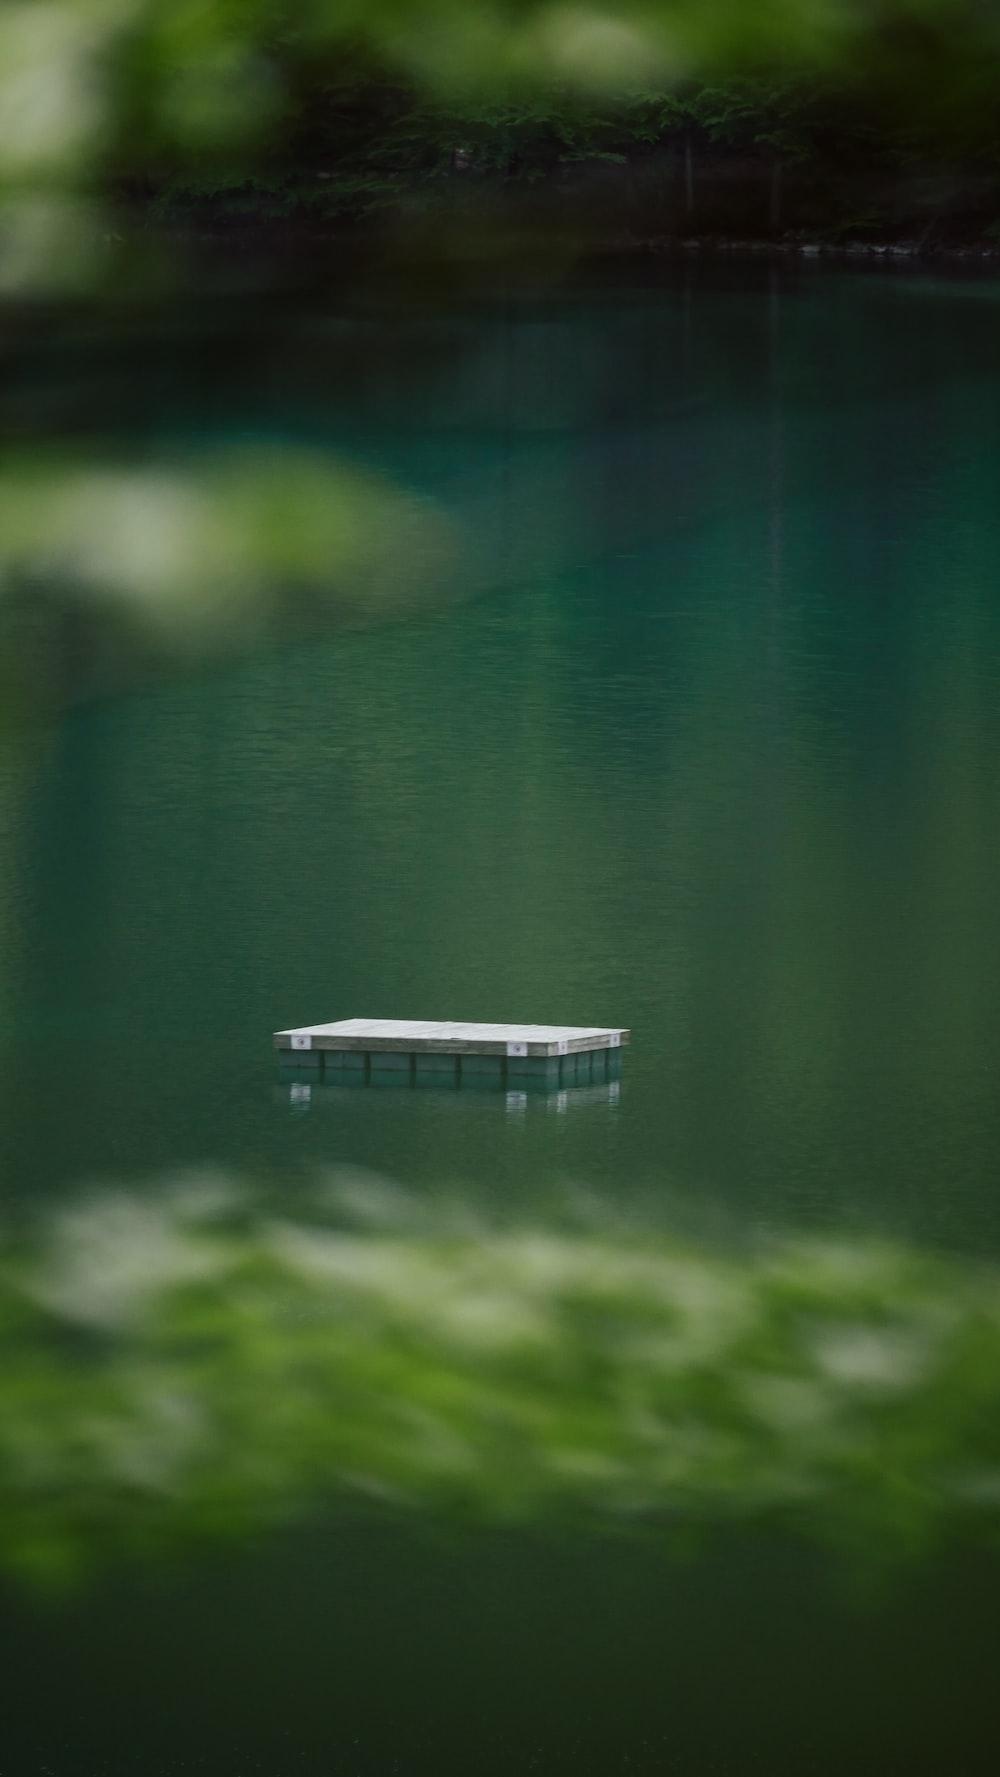 white wooden dock on lake during daytime